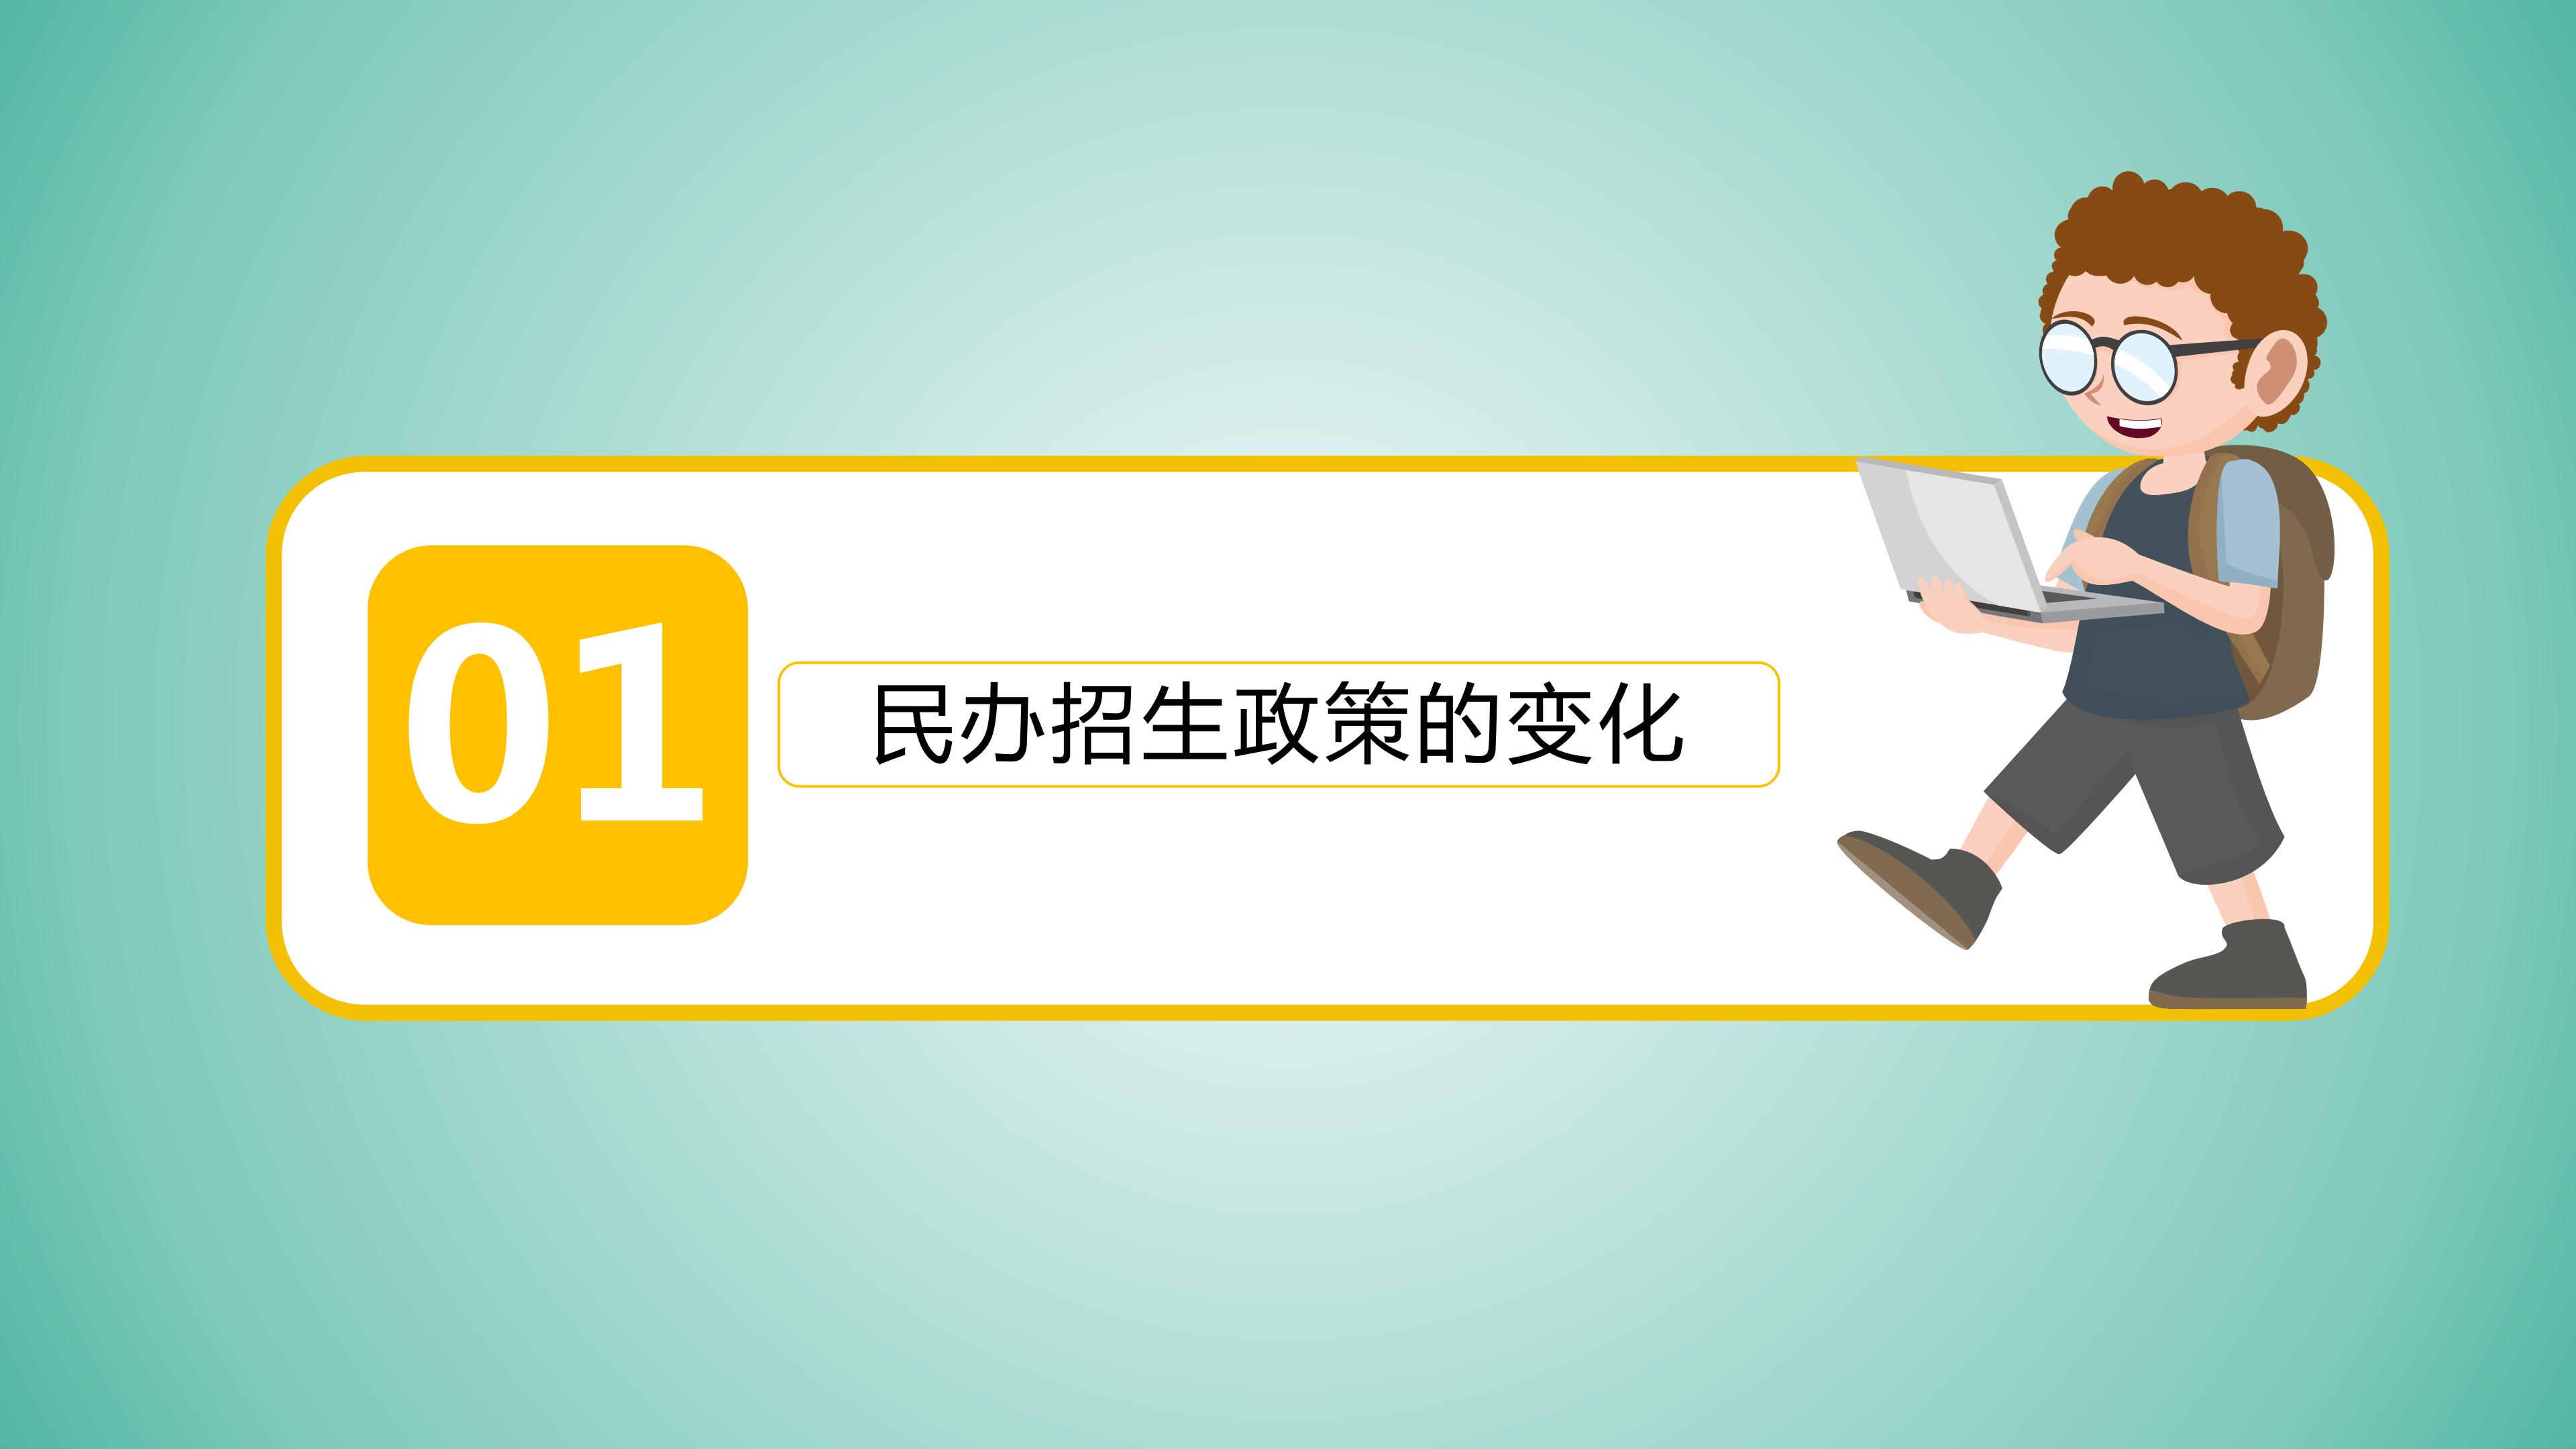 幼升小讲座 车才颖_03.png